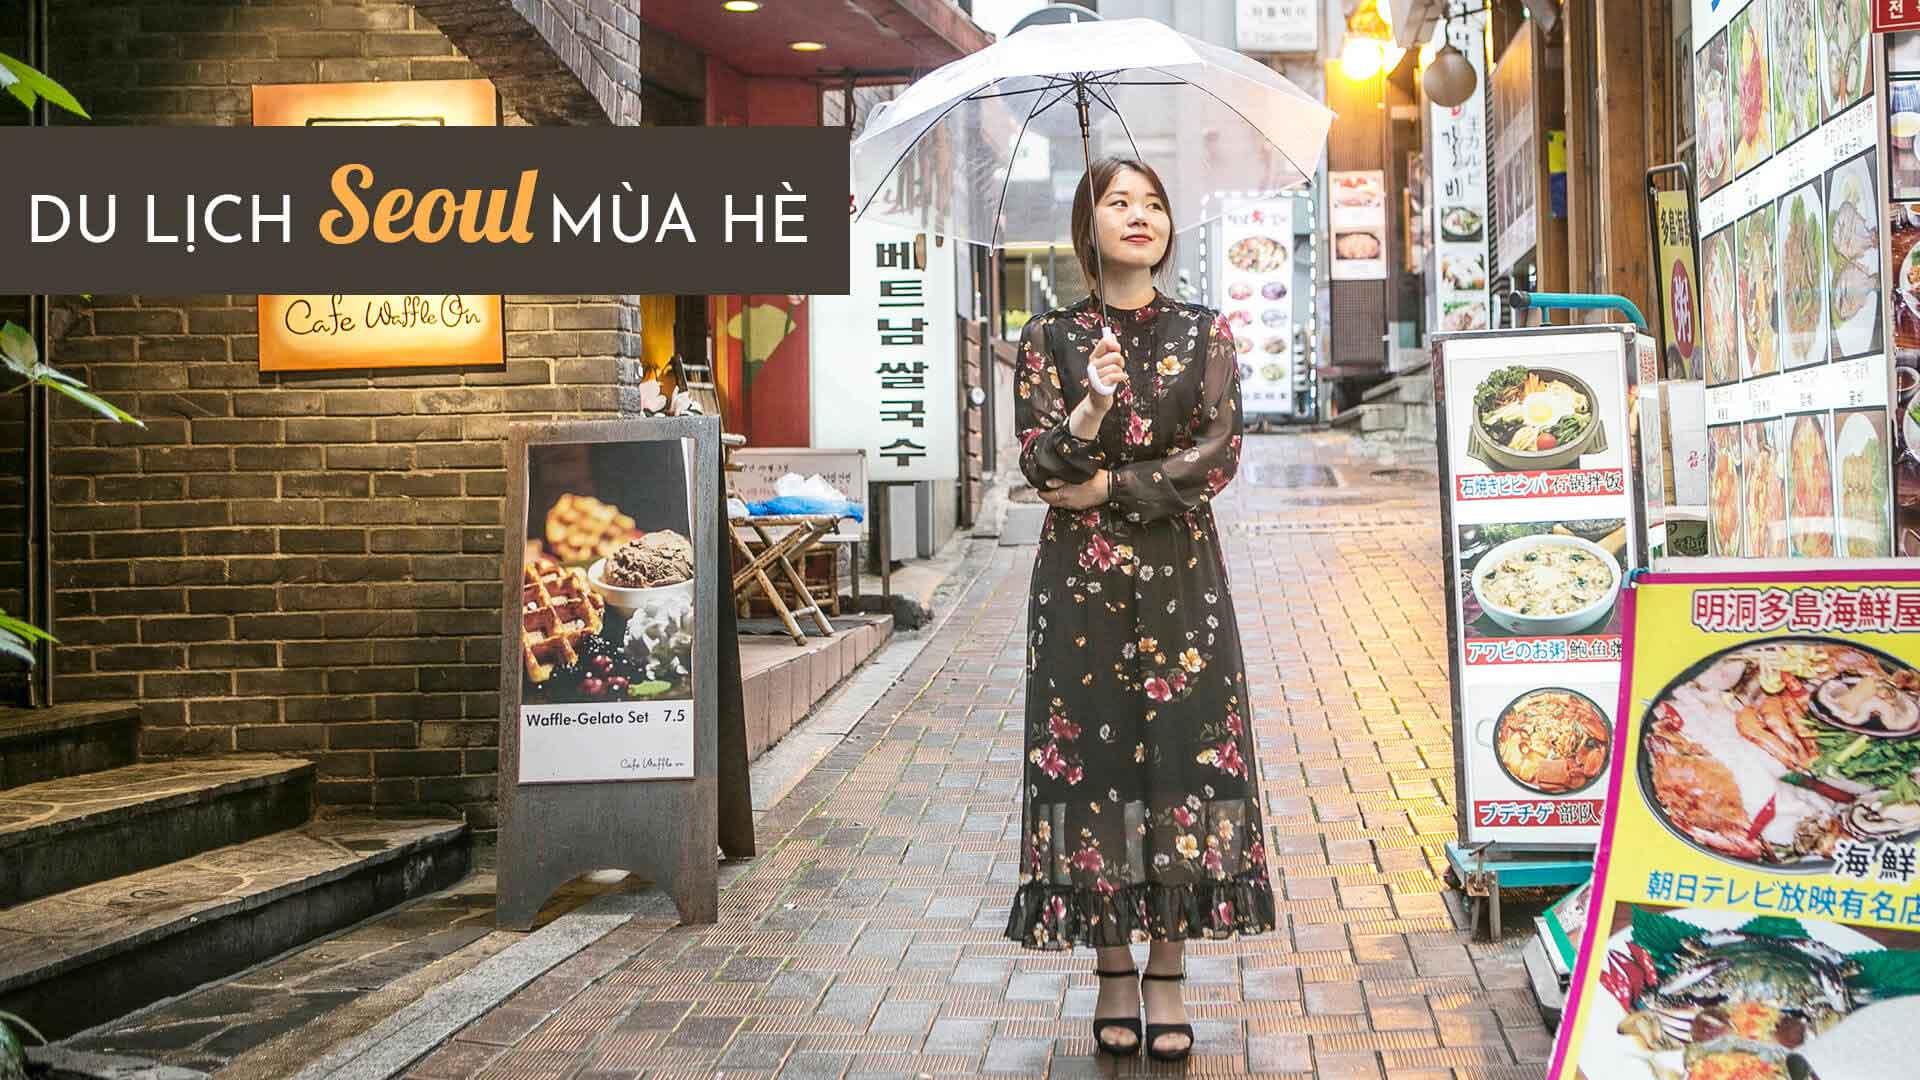 [CHIA SẺ] 10+ kinh nghiệm du lịch Seoul mùa hè ĐẦY ĐỦ nhất